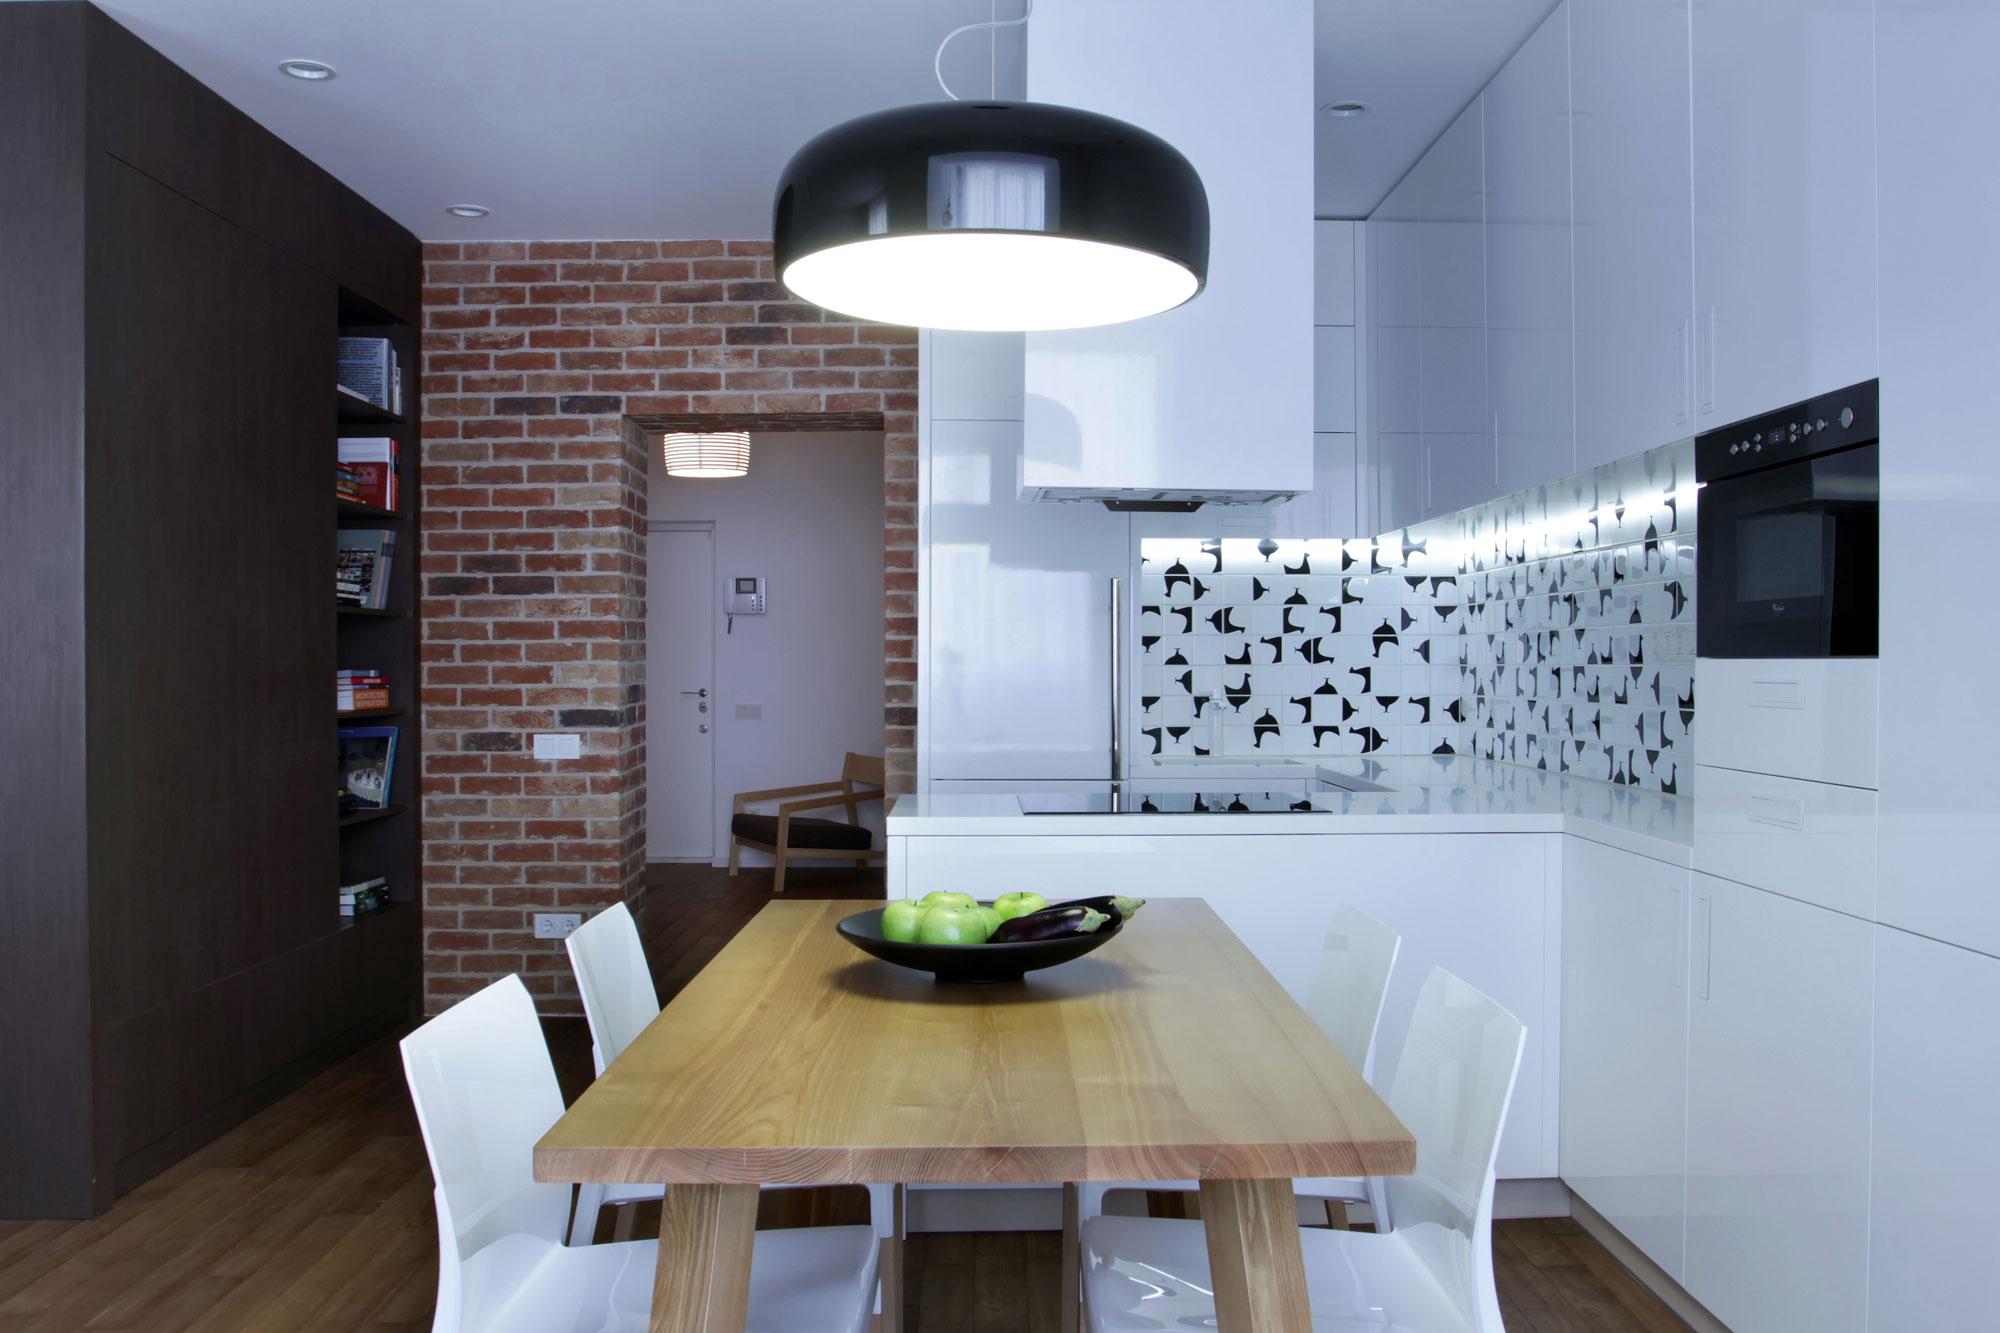 Если кухня получается достаточно большая, можно в этой же области поставить обеденный стол